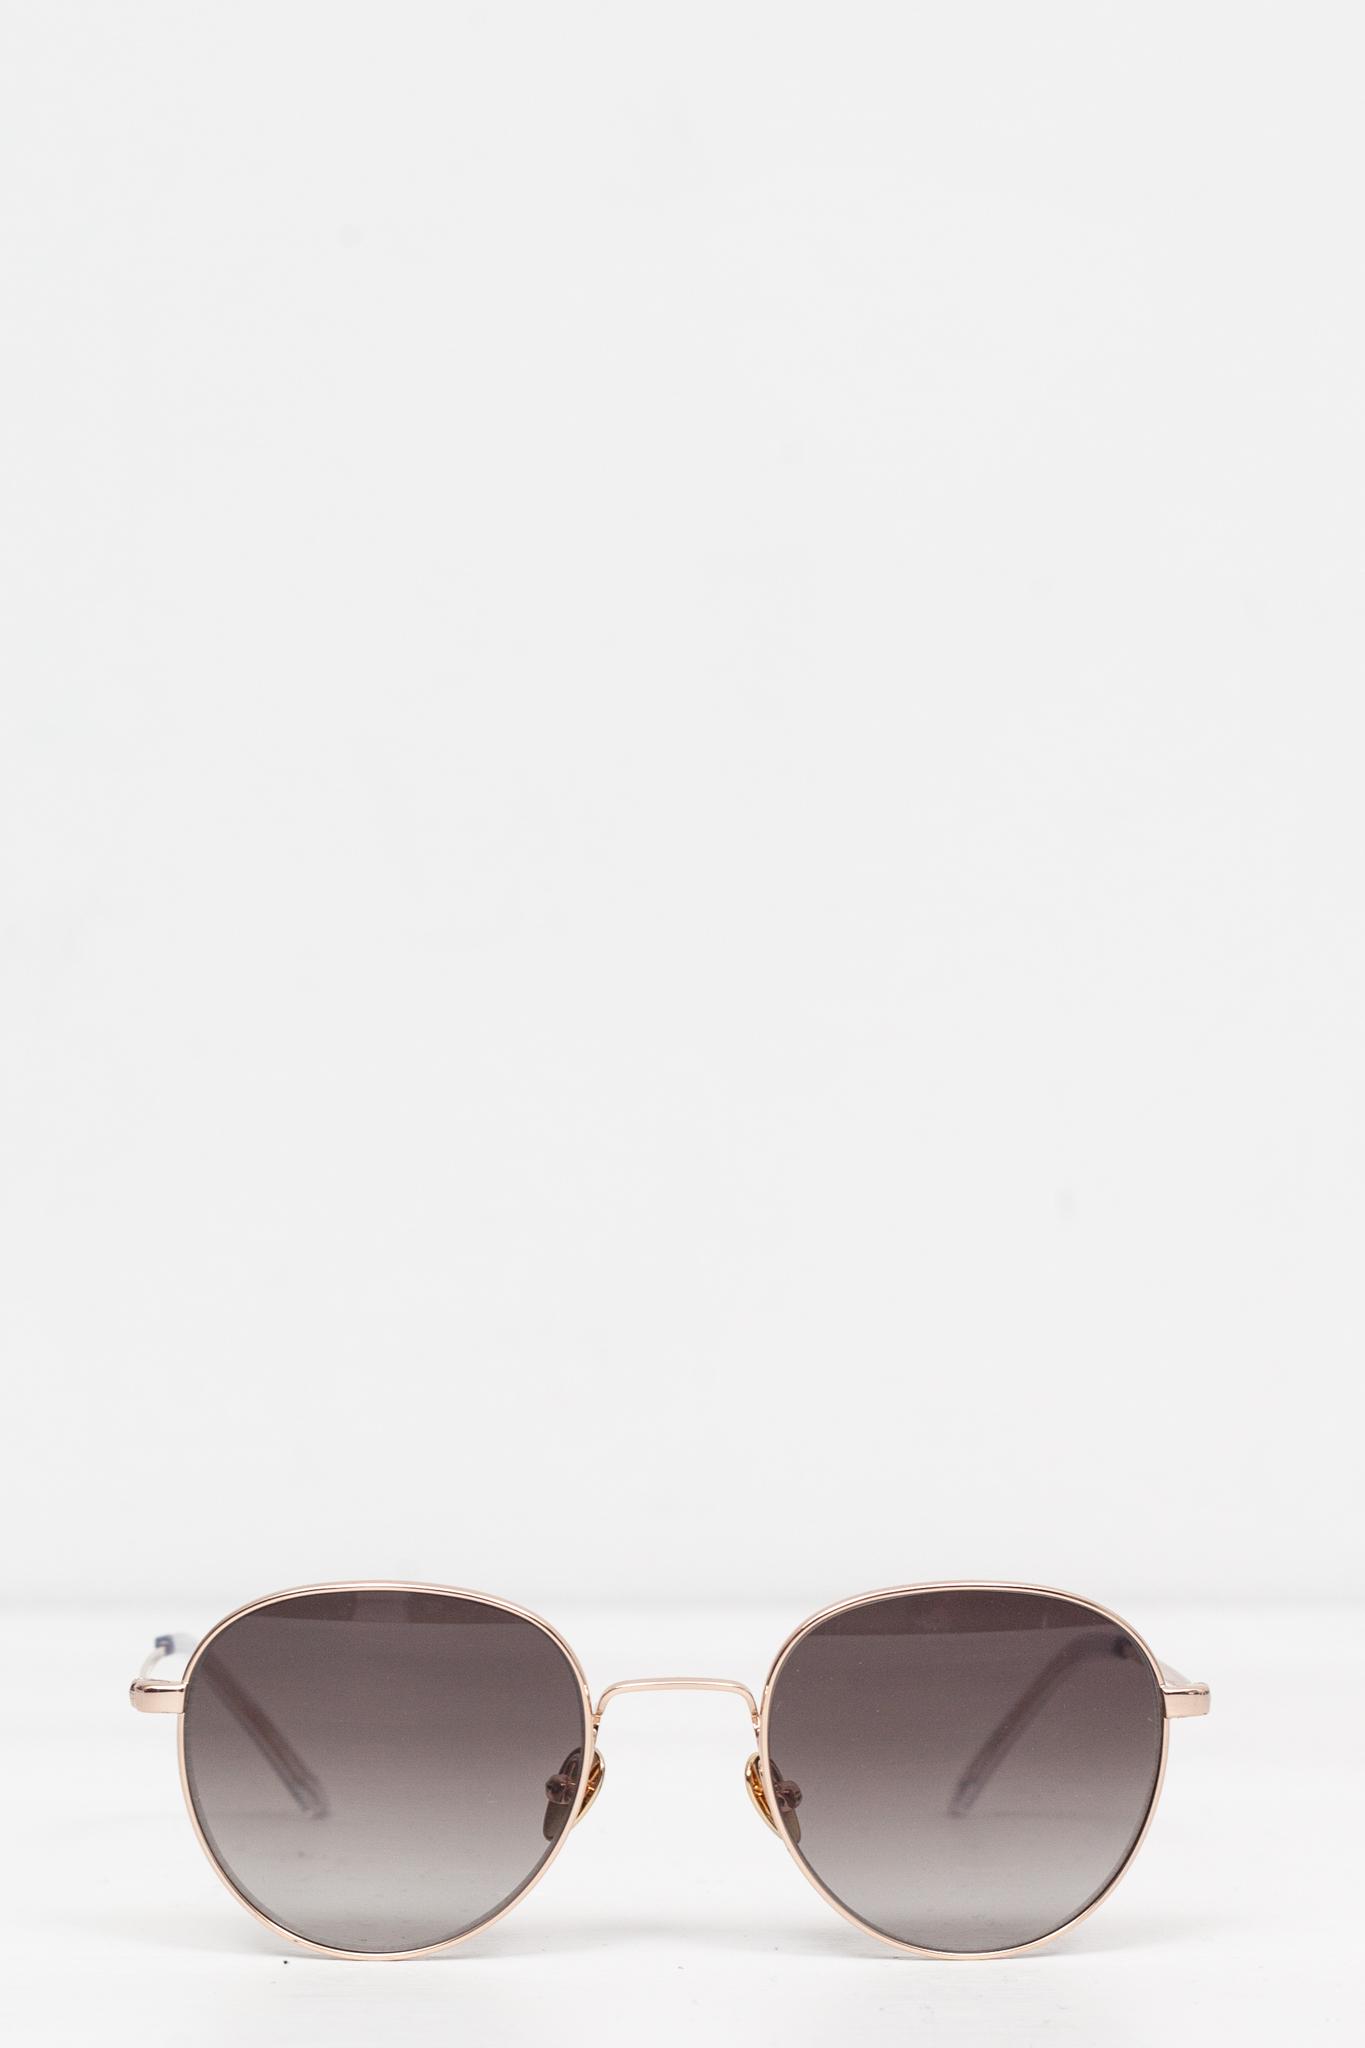 8255ae2151 Monokel Eyewear - Rio Gold Gradient Grey Lens - Meadow